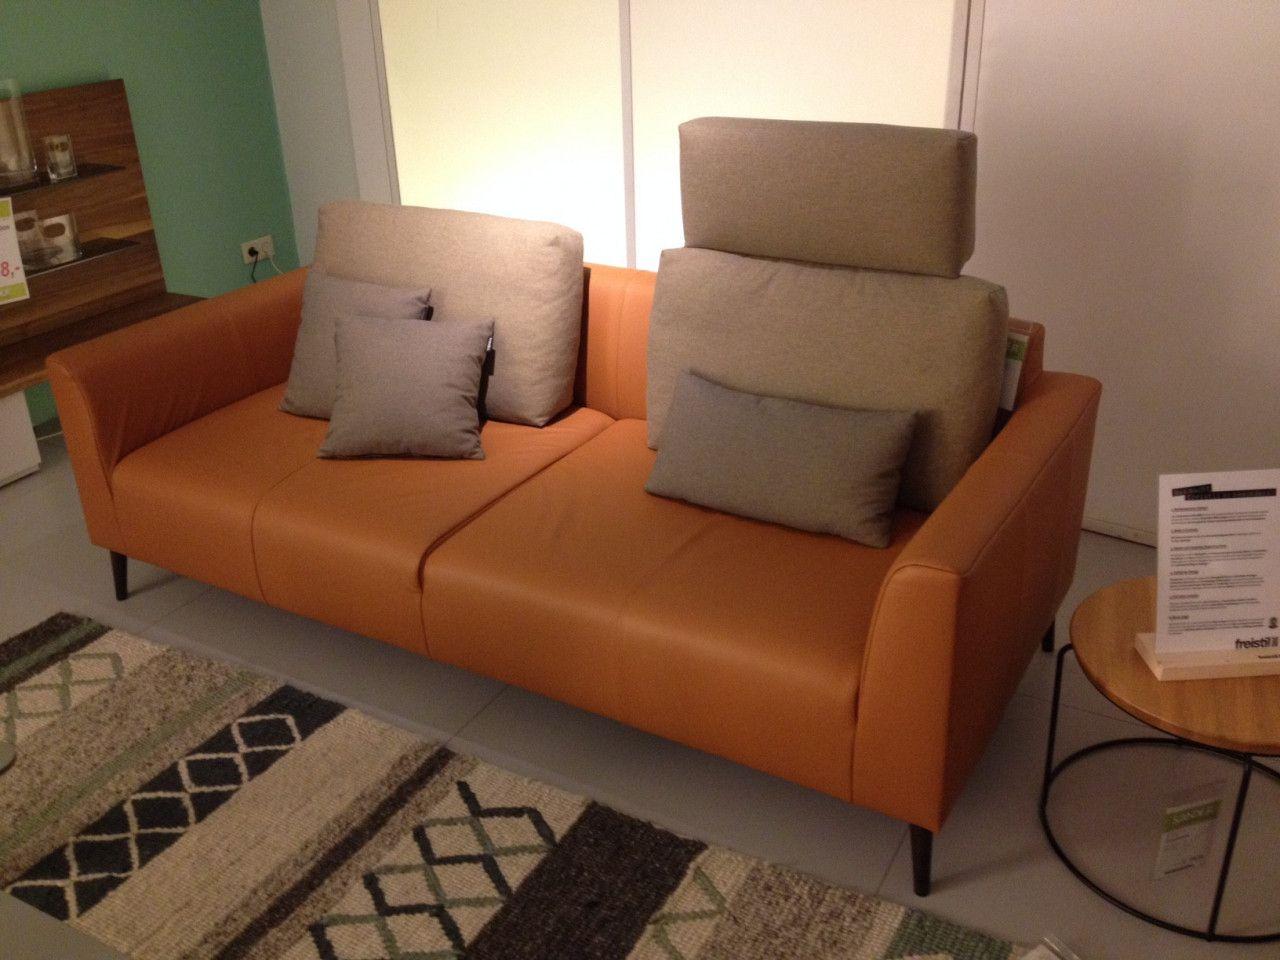 Sofa 162 Aus Der Freistil Kollektion Von Rolfbenz Couch Leder Braun Fuss Holz Eiche Designermobel Innenarchitk Sofa Bequeme Sessel Gemutliches Sofa